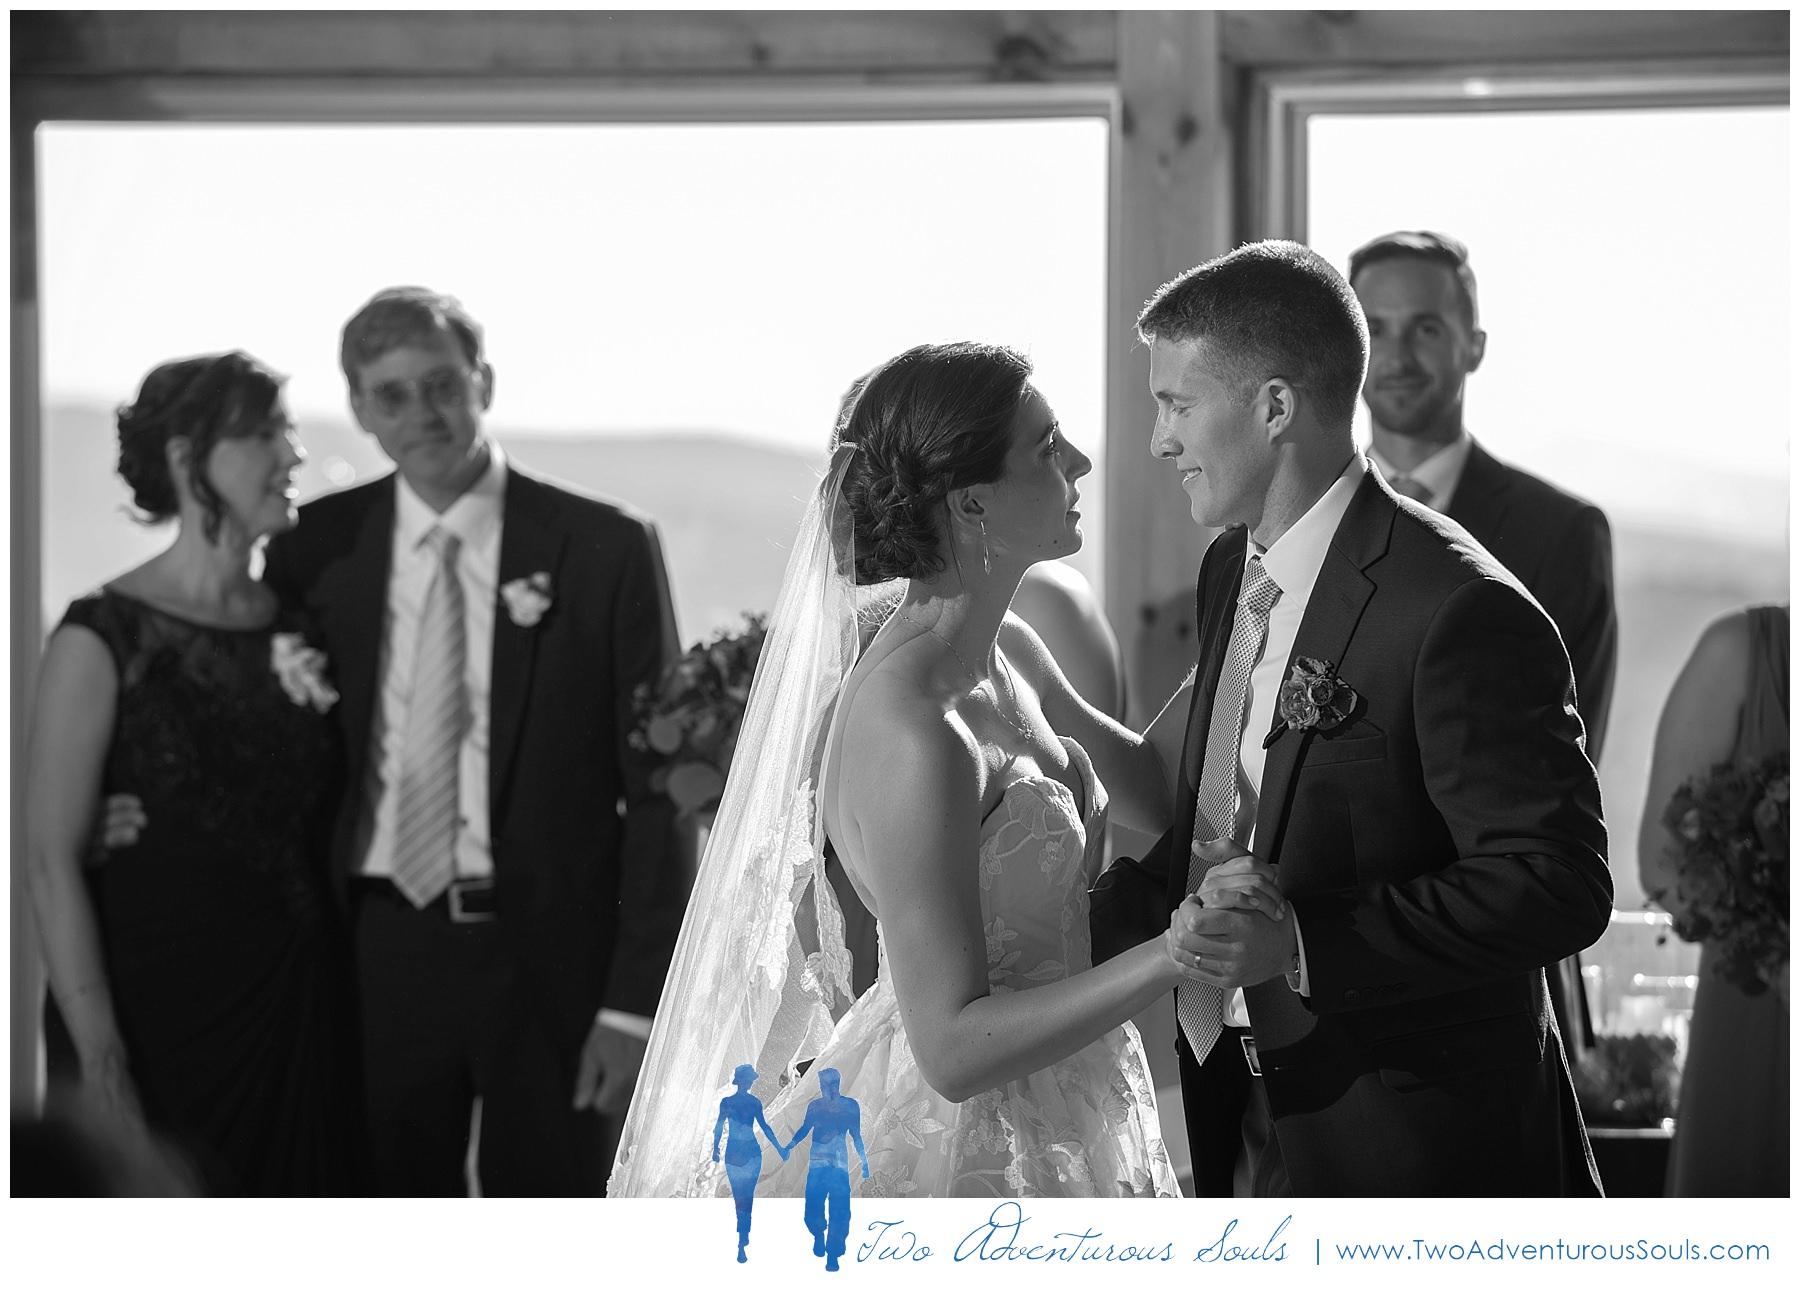 Maine Wedding Photographers, Granite Ridge Estate Wedding Photographers, Two Adventurous Souls - 080319_0060.jpg